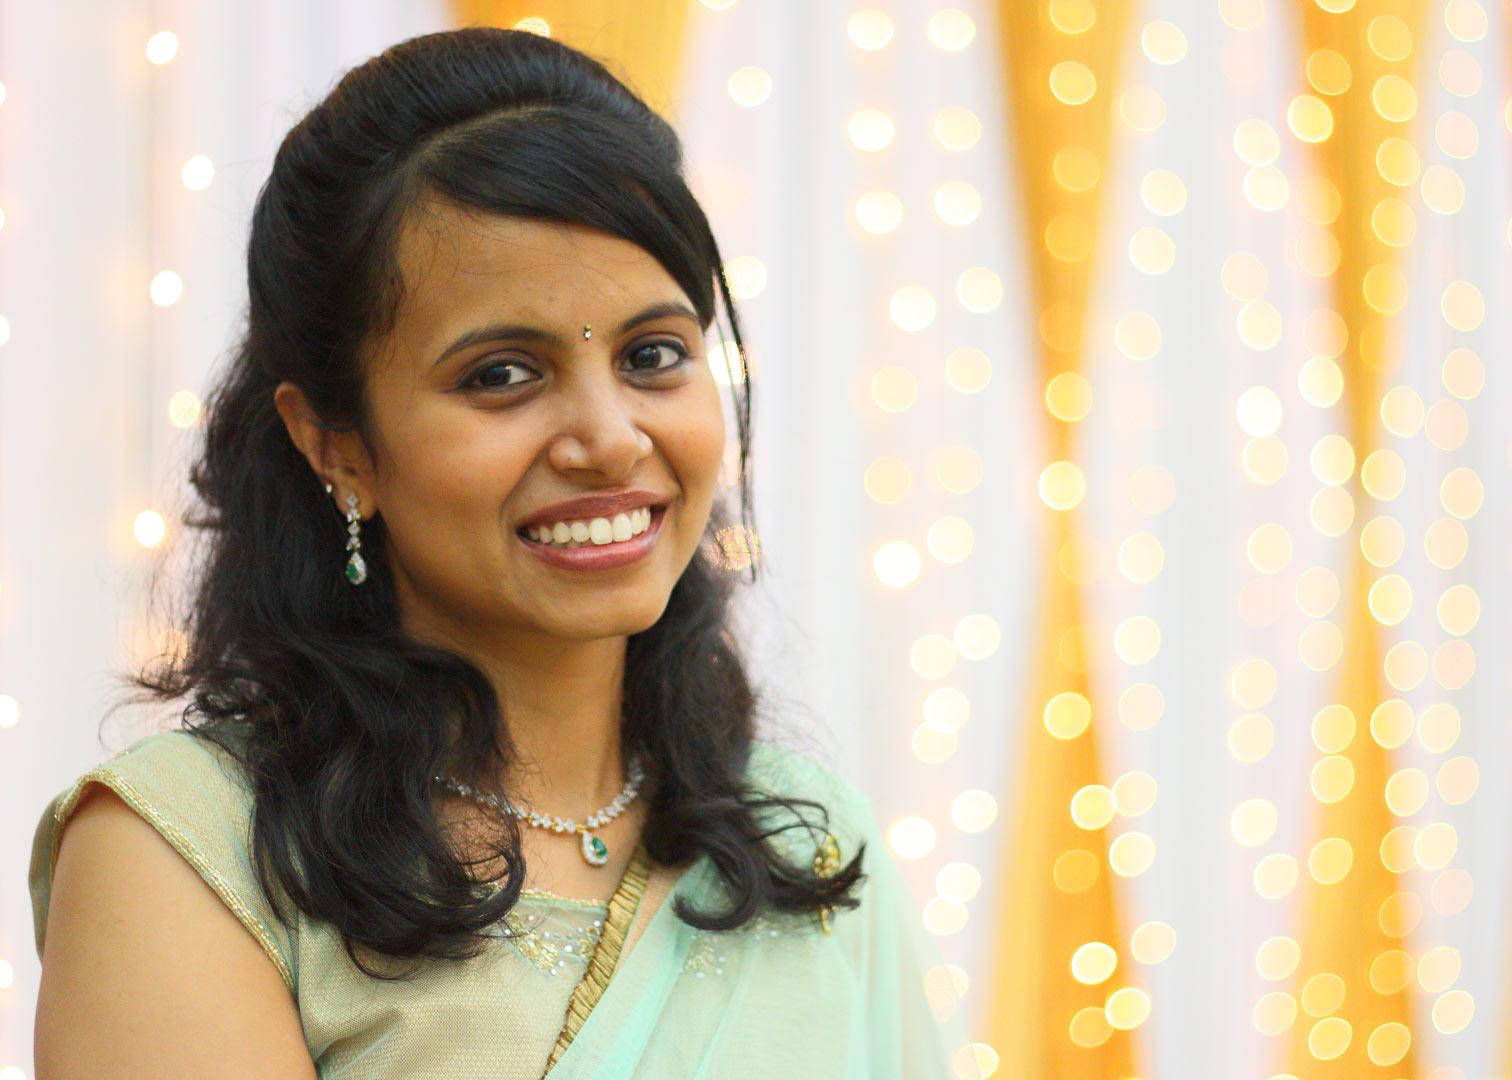 A portrait shot of Mahima Mahesh with a nice bokeh background